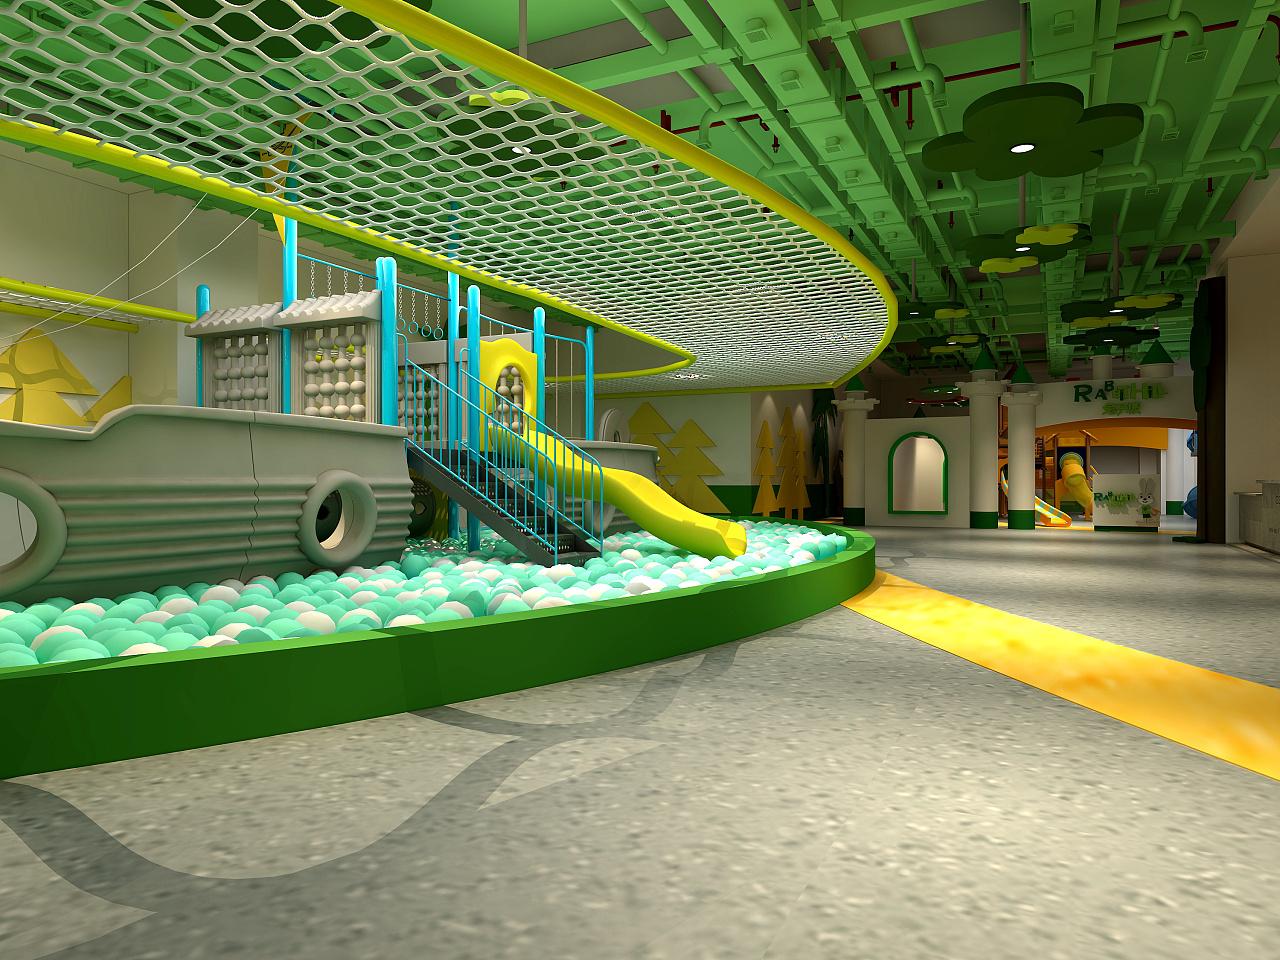 室内儿童游乐场~|空间|室内设计|张丽天斐效果图图片